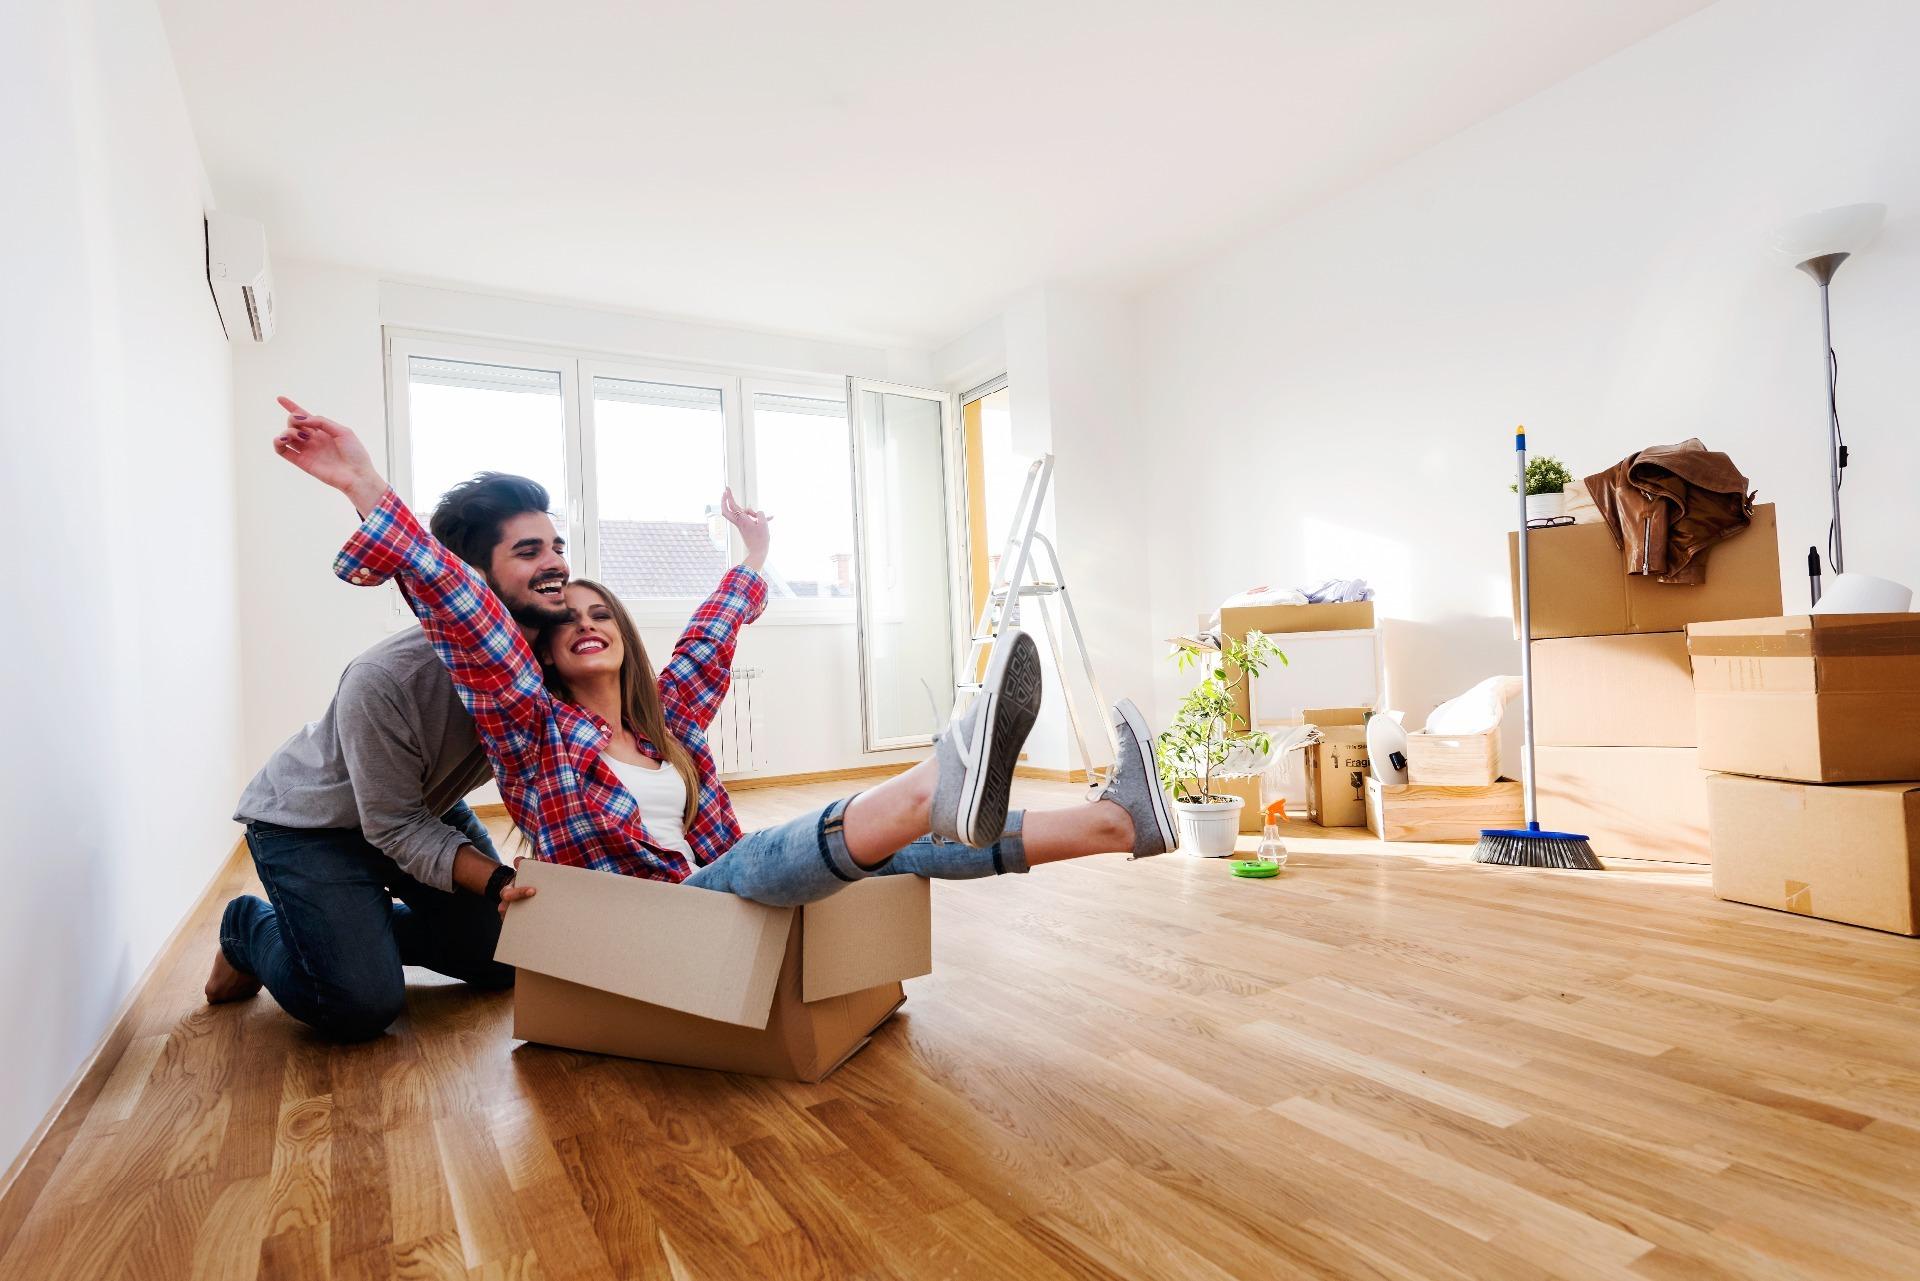 Come scegliere un sistema smart home per un appartamento in affitto